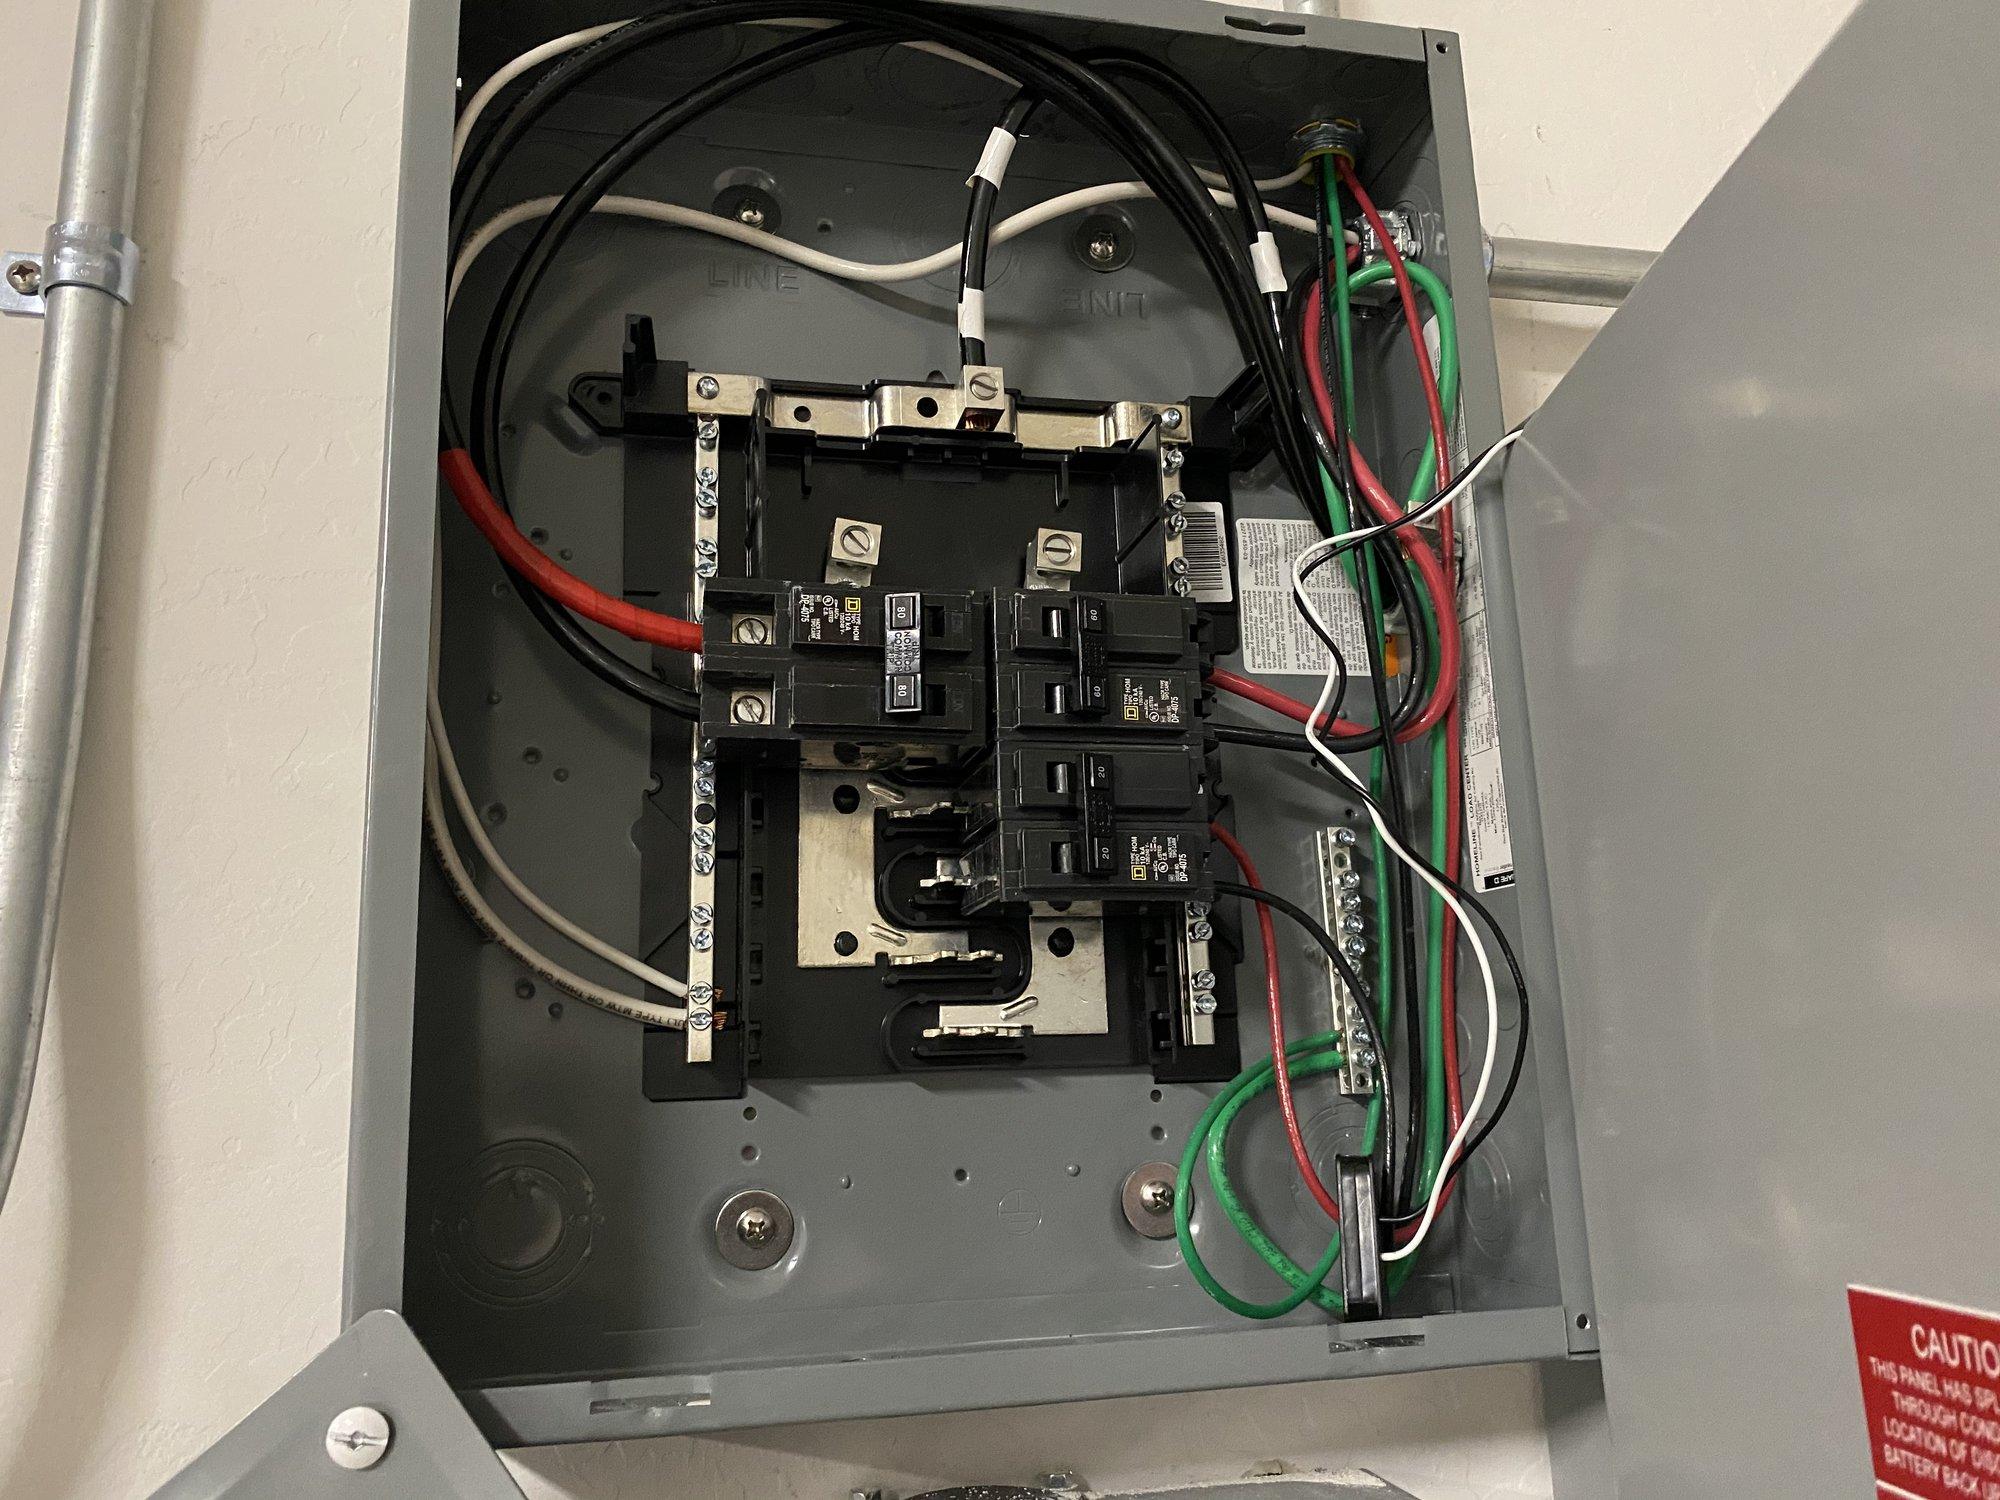 F4068F99-B8C3-4627-9606-8961D11347EC.jpeg